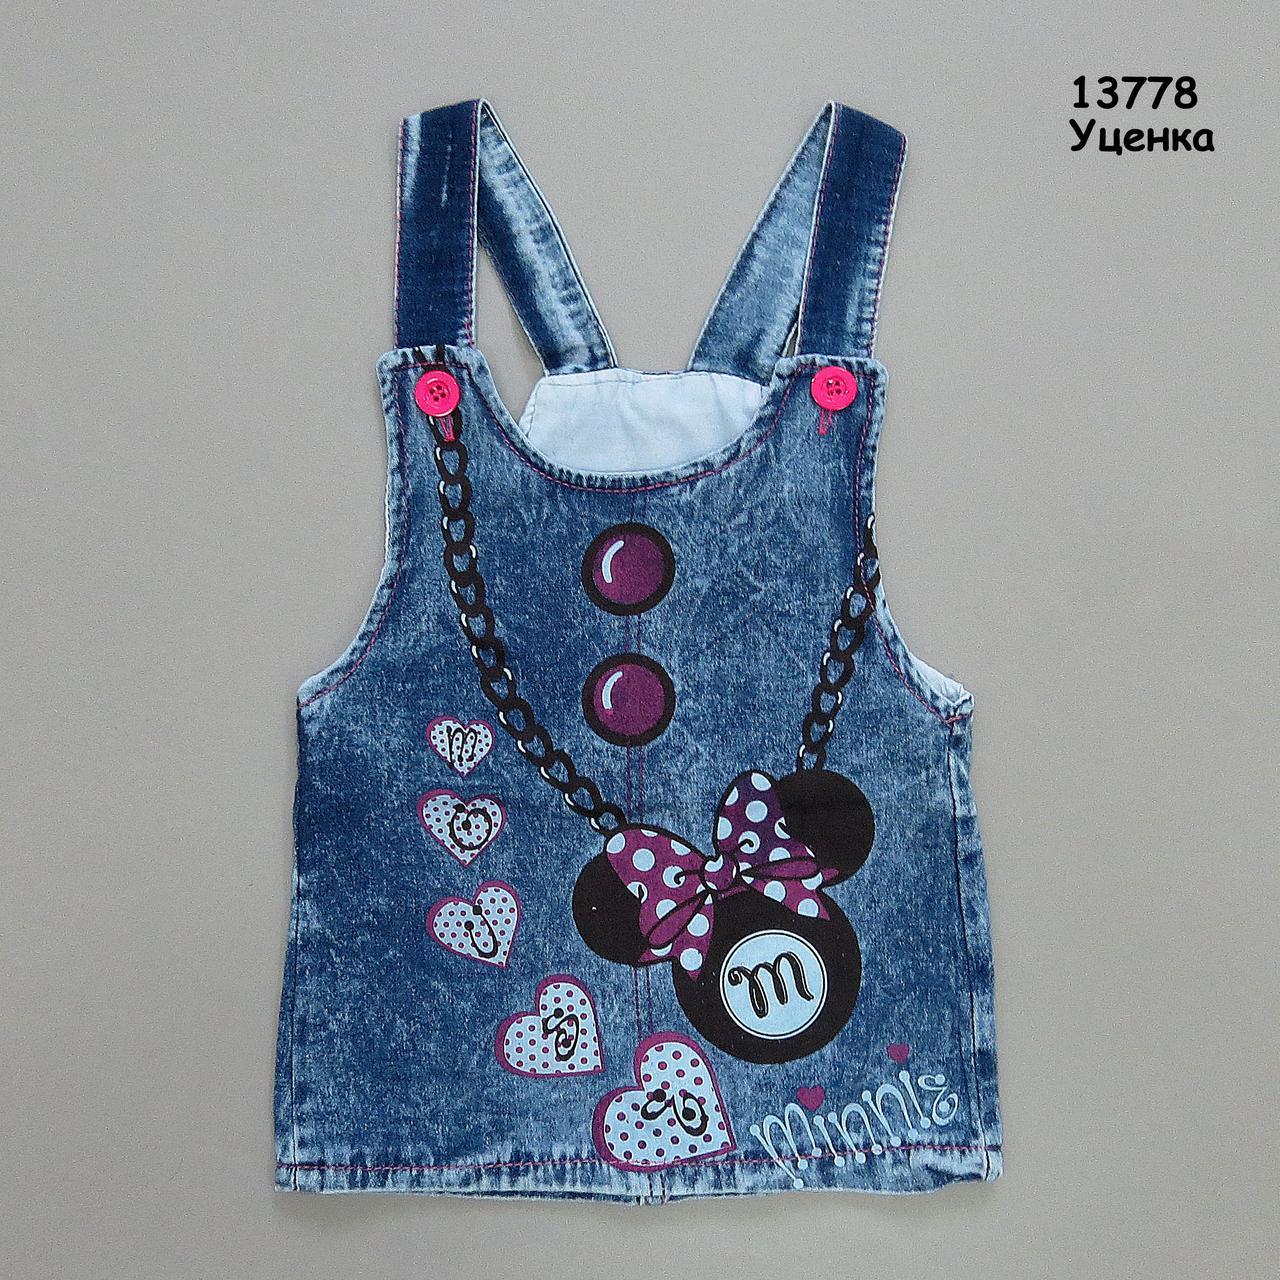 b51c0dff053c4 Джинсовый сарафан Minnie Mouse для девочки. 2 года - Детская одежда и товары